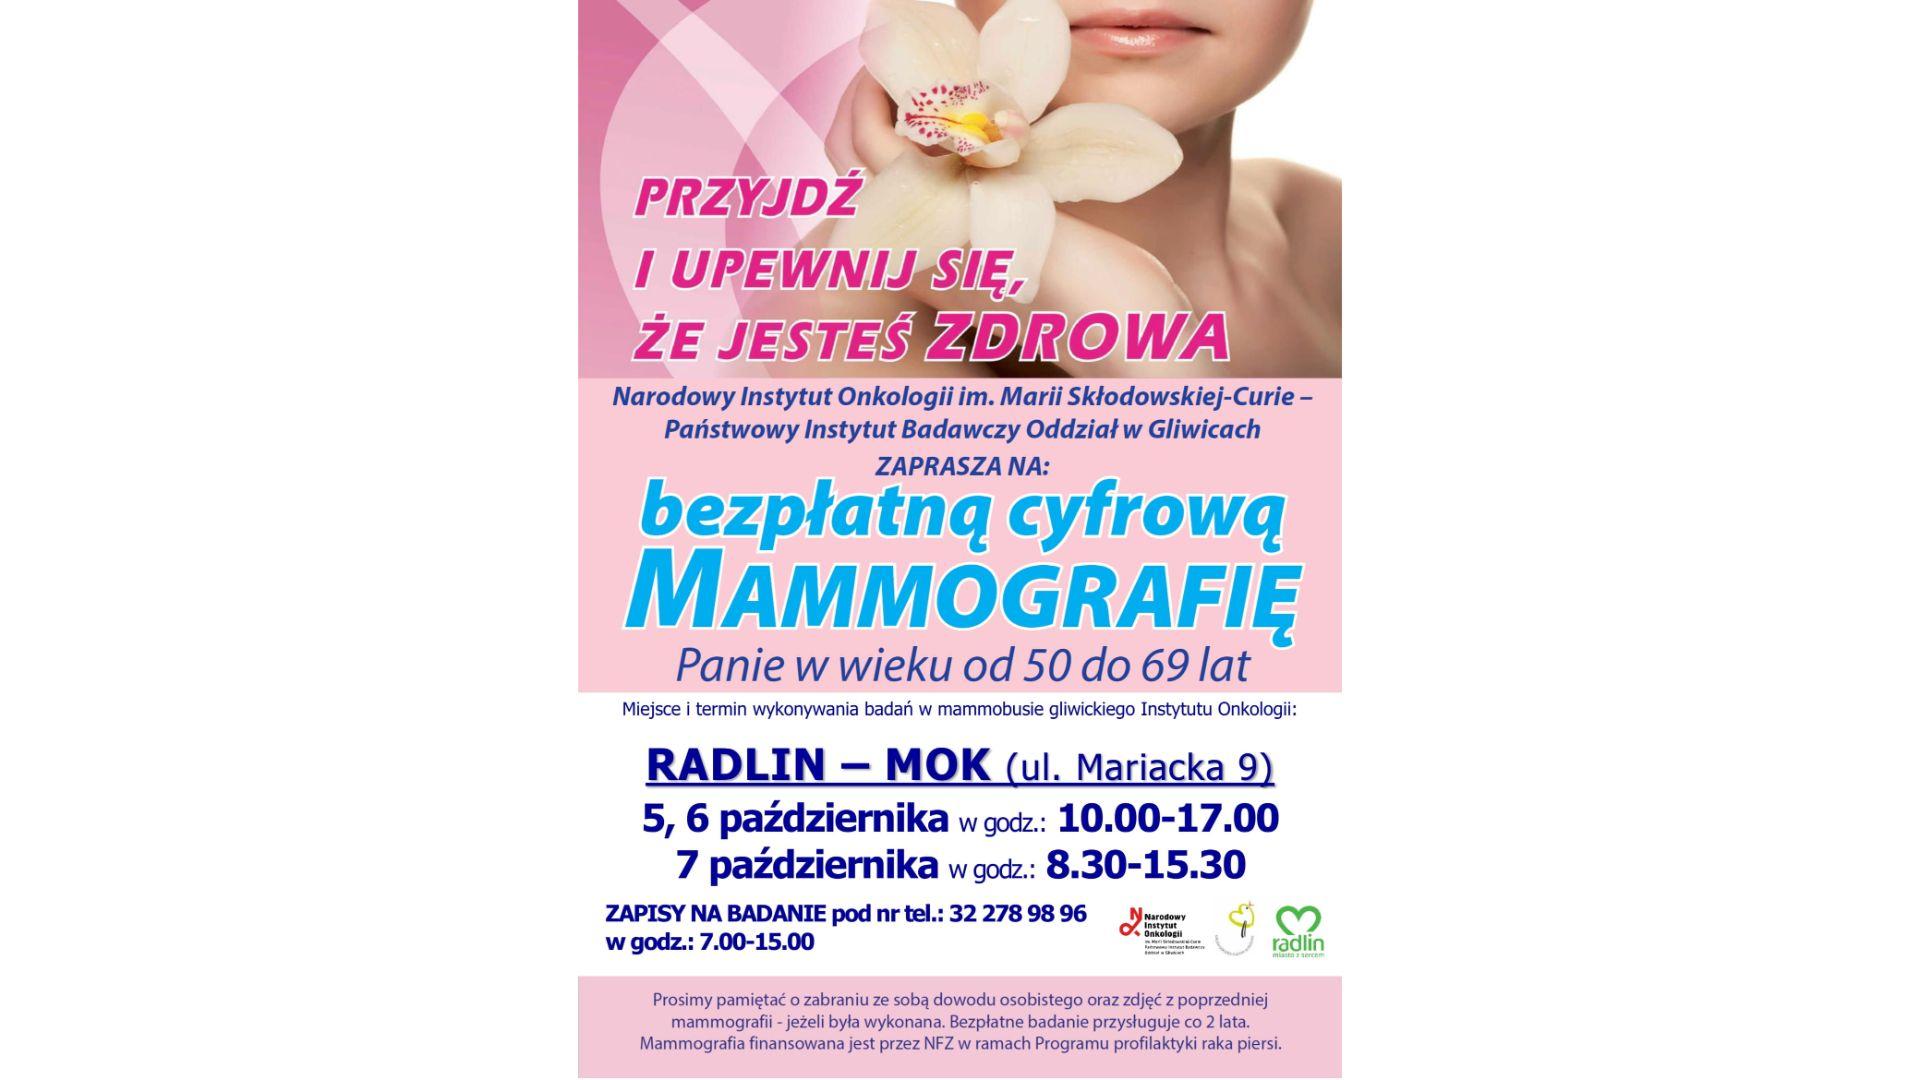 Bezpłatna mammografia w Radlinie